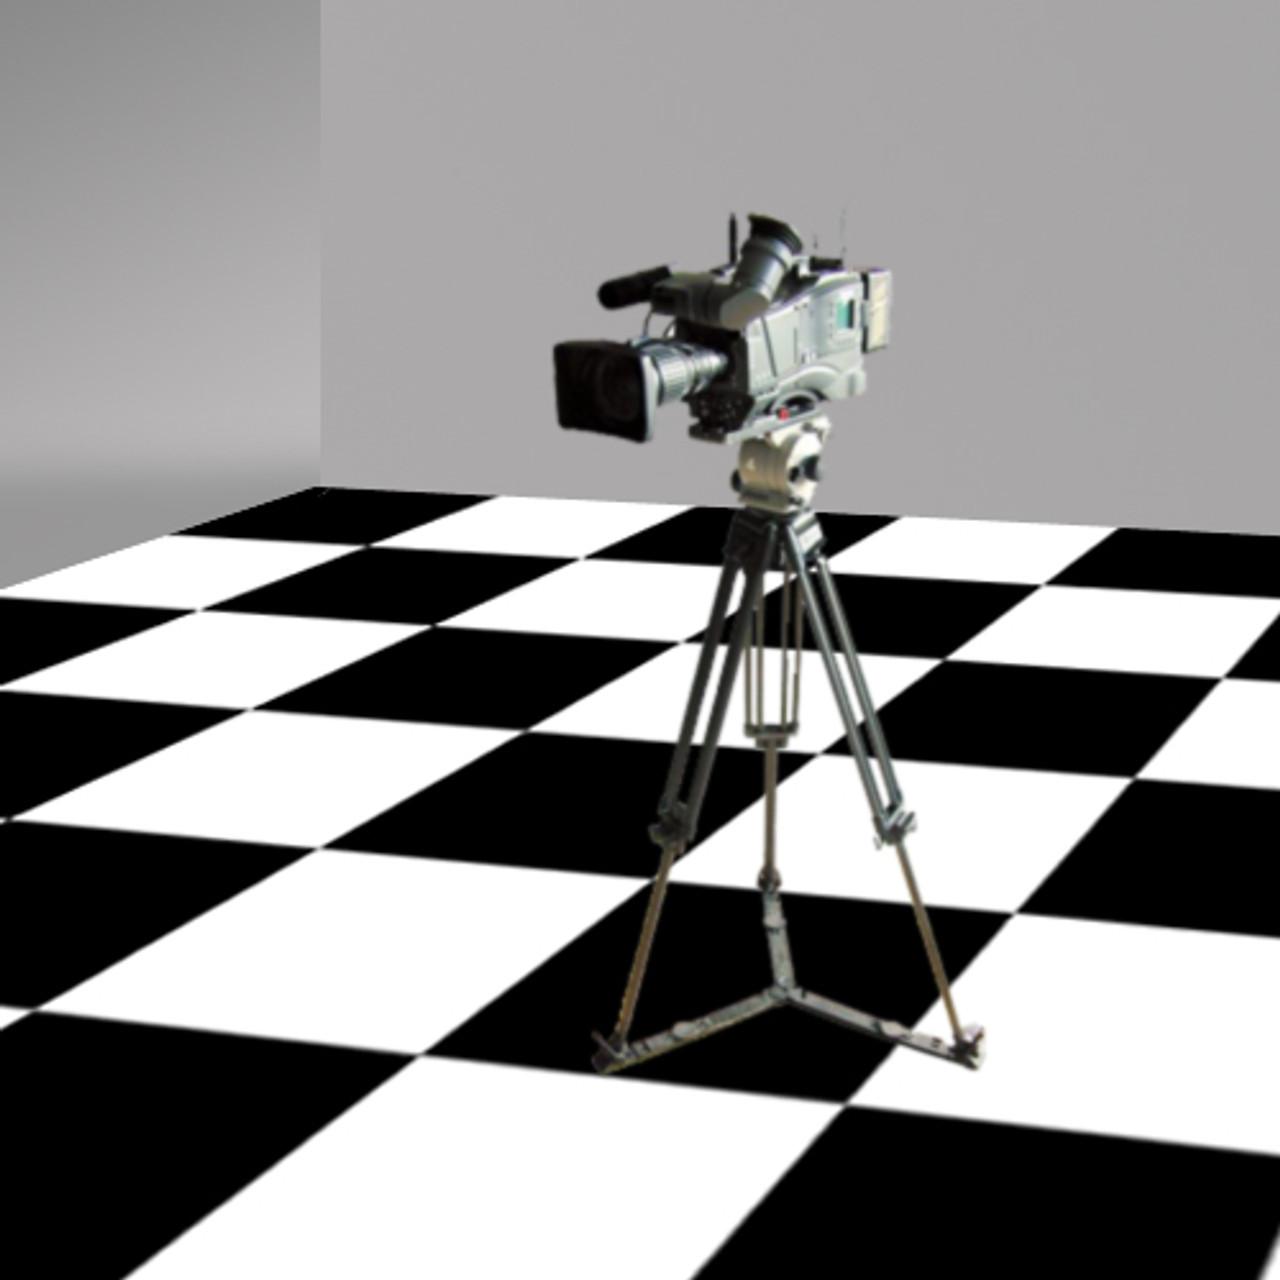 Rosco Floor Tiles - Black